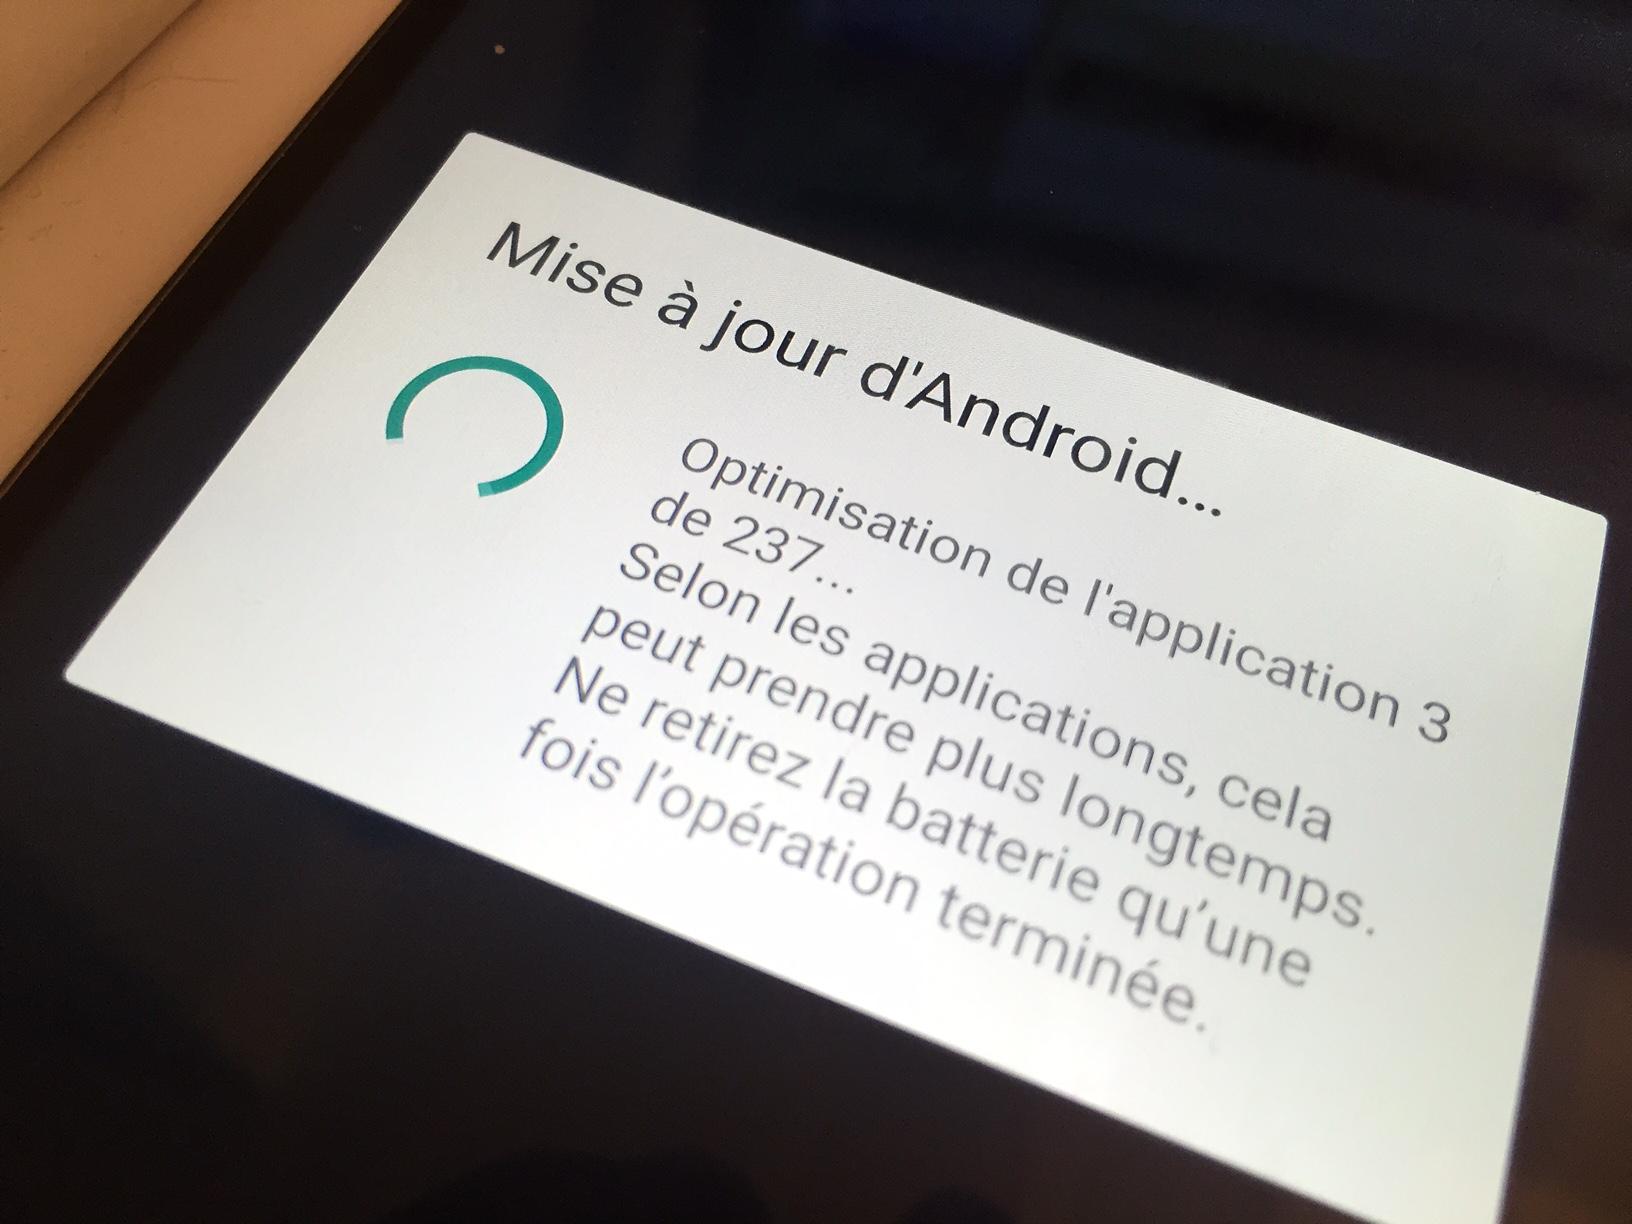 Android N : l'optimisation des applications après une mise à jour est maintenant beaucoup plus rapide